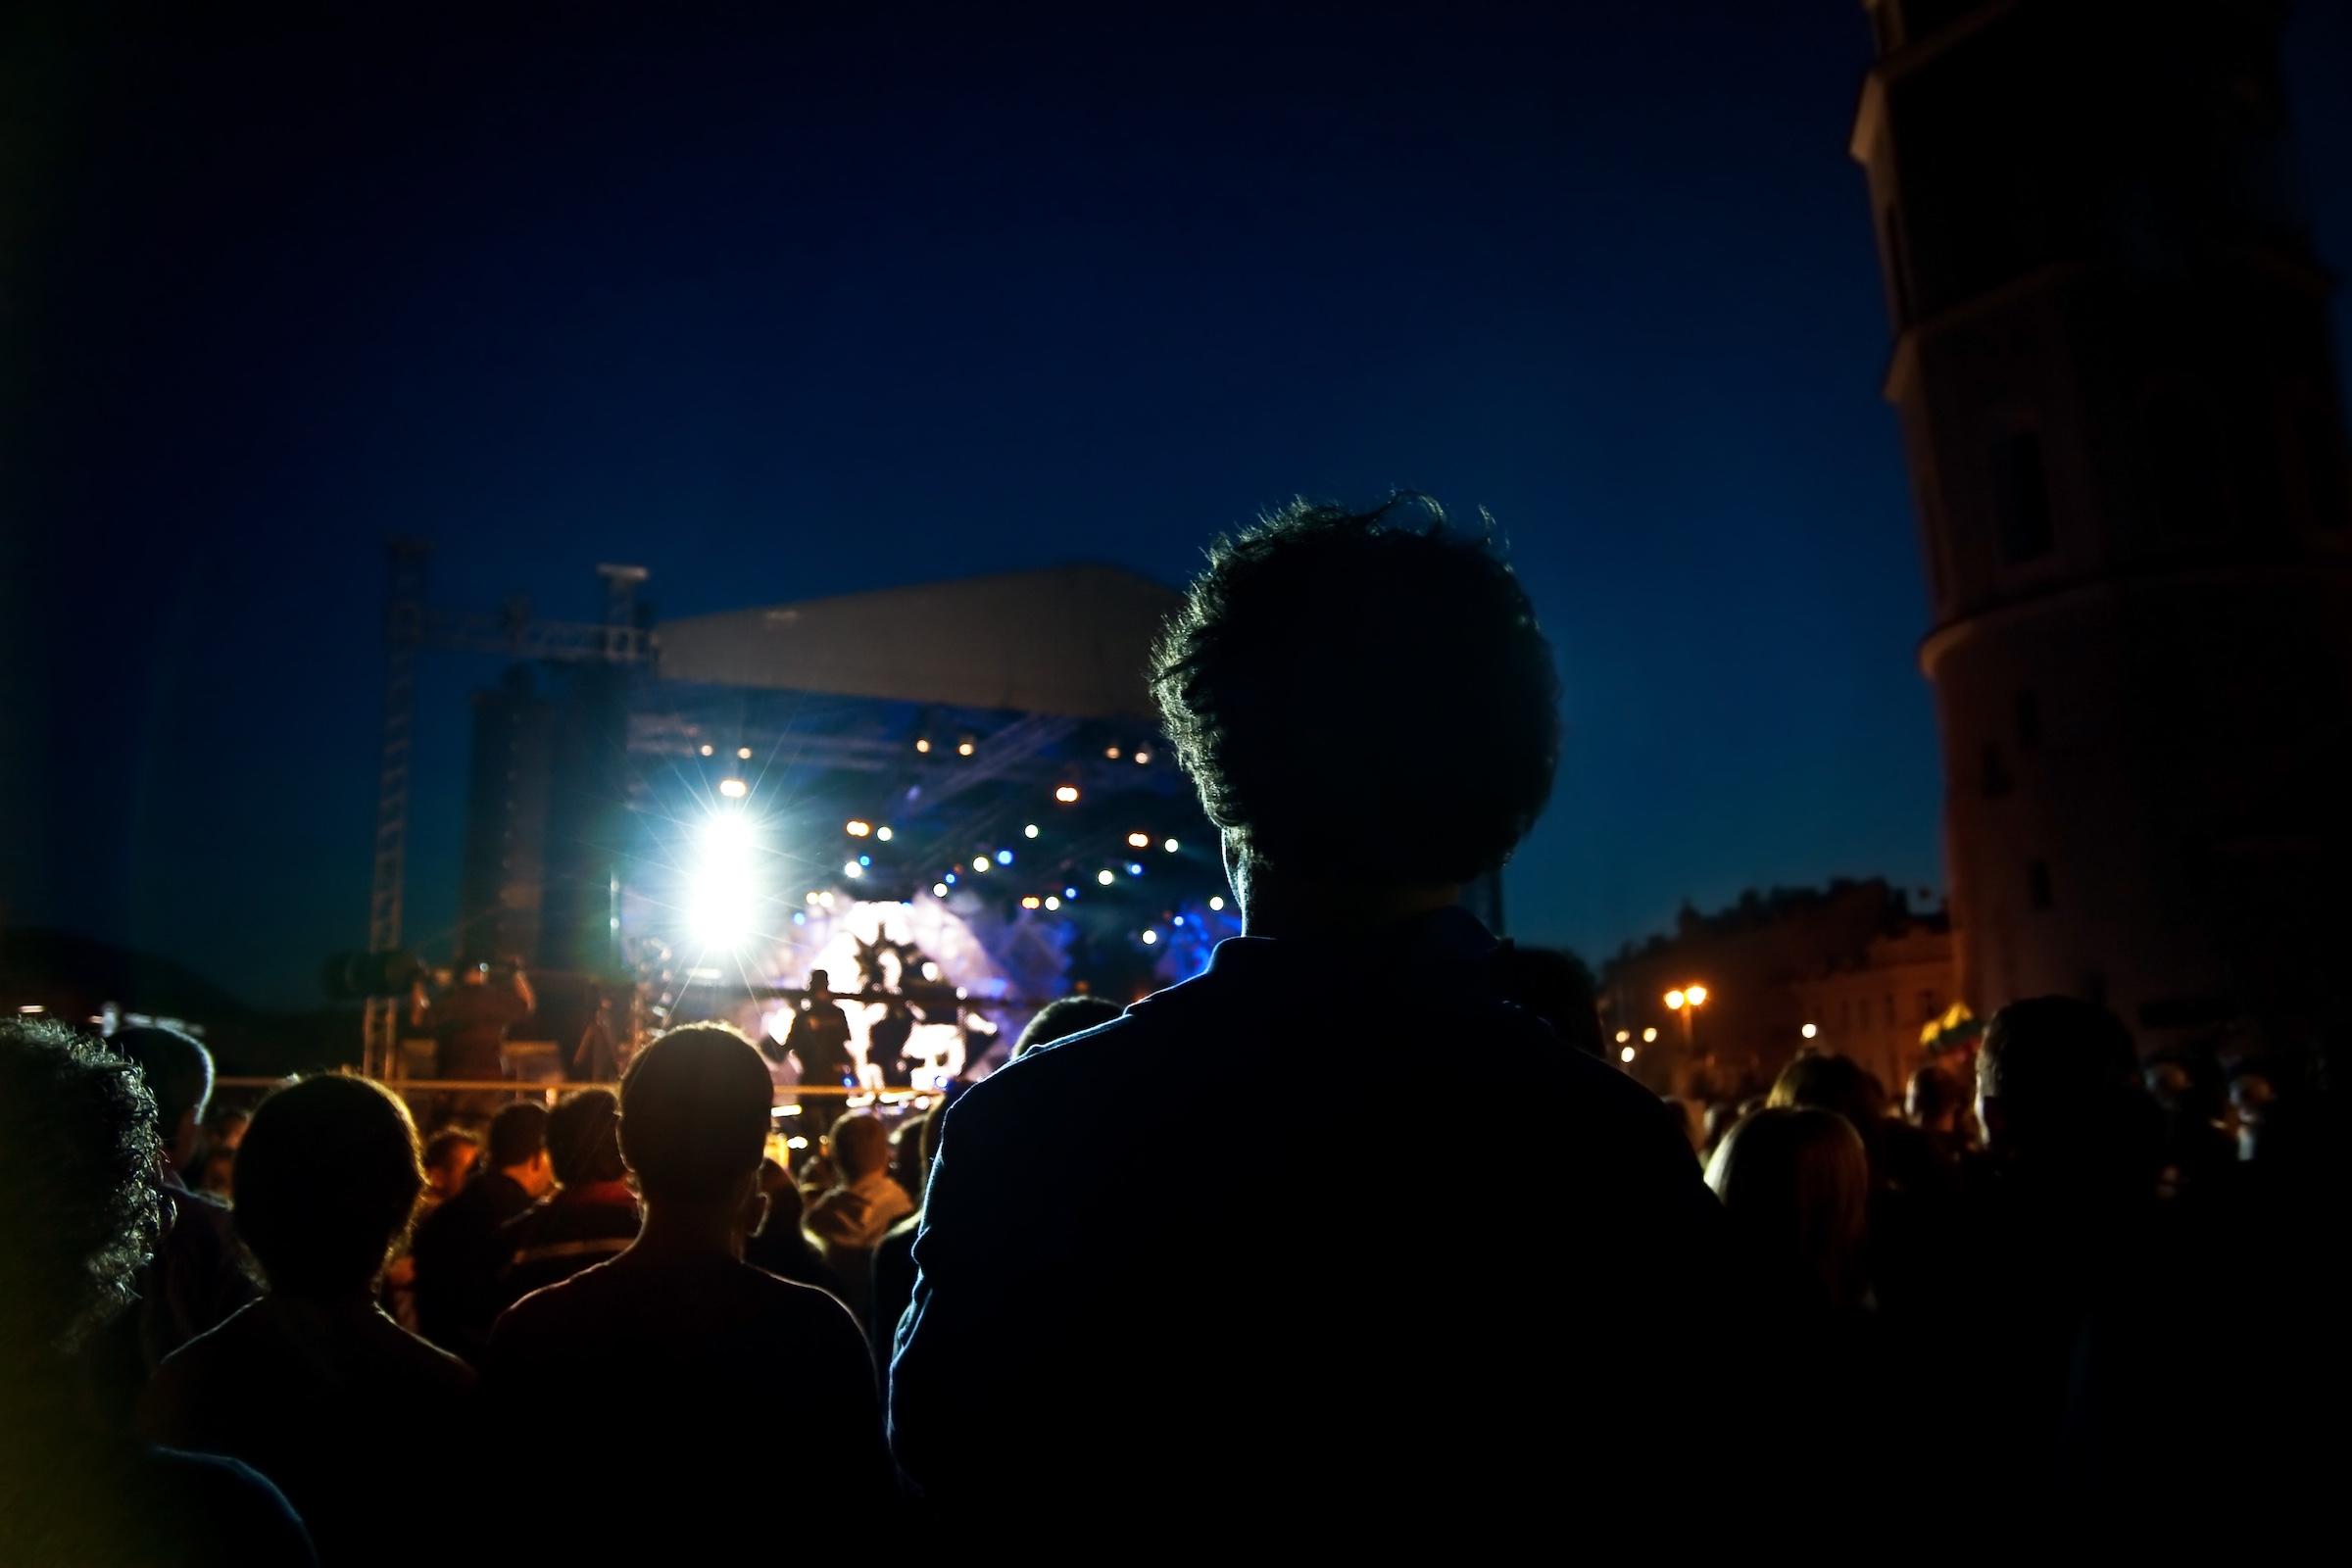 Tontechnik | Hannover | Beschallung | Lautsprecher | Messe | Eventtechnik | Kongress | Gala | Show | Konzert | Tagung | Line | Array | Buchen | Mieten | Leihen